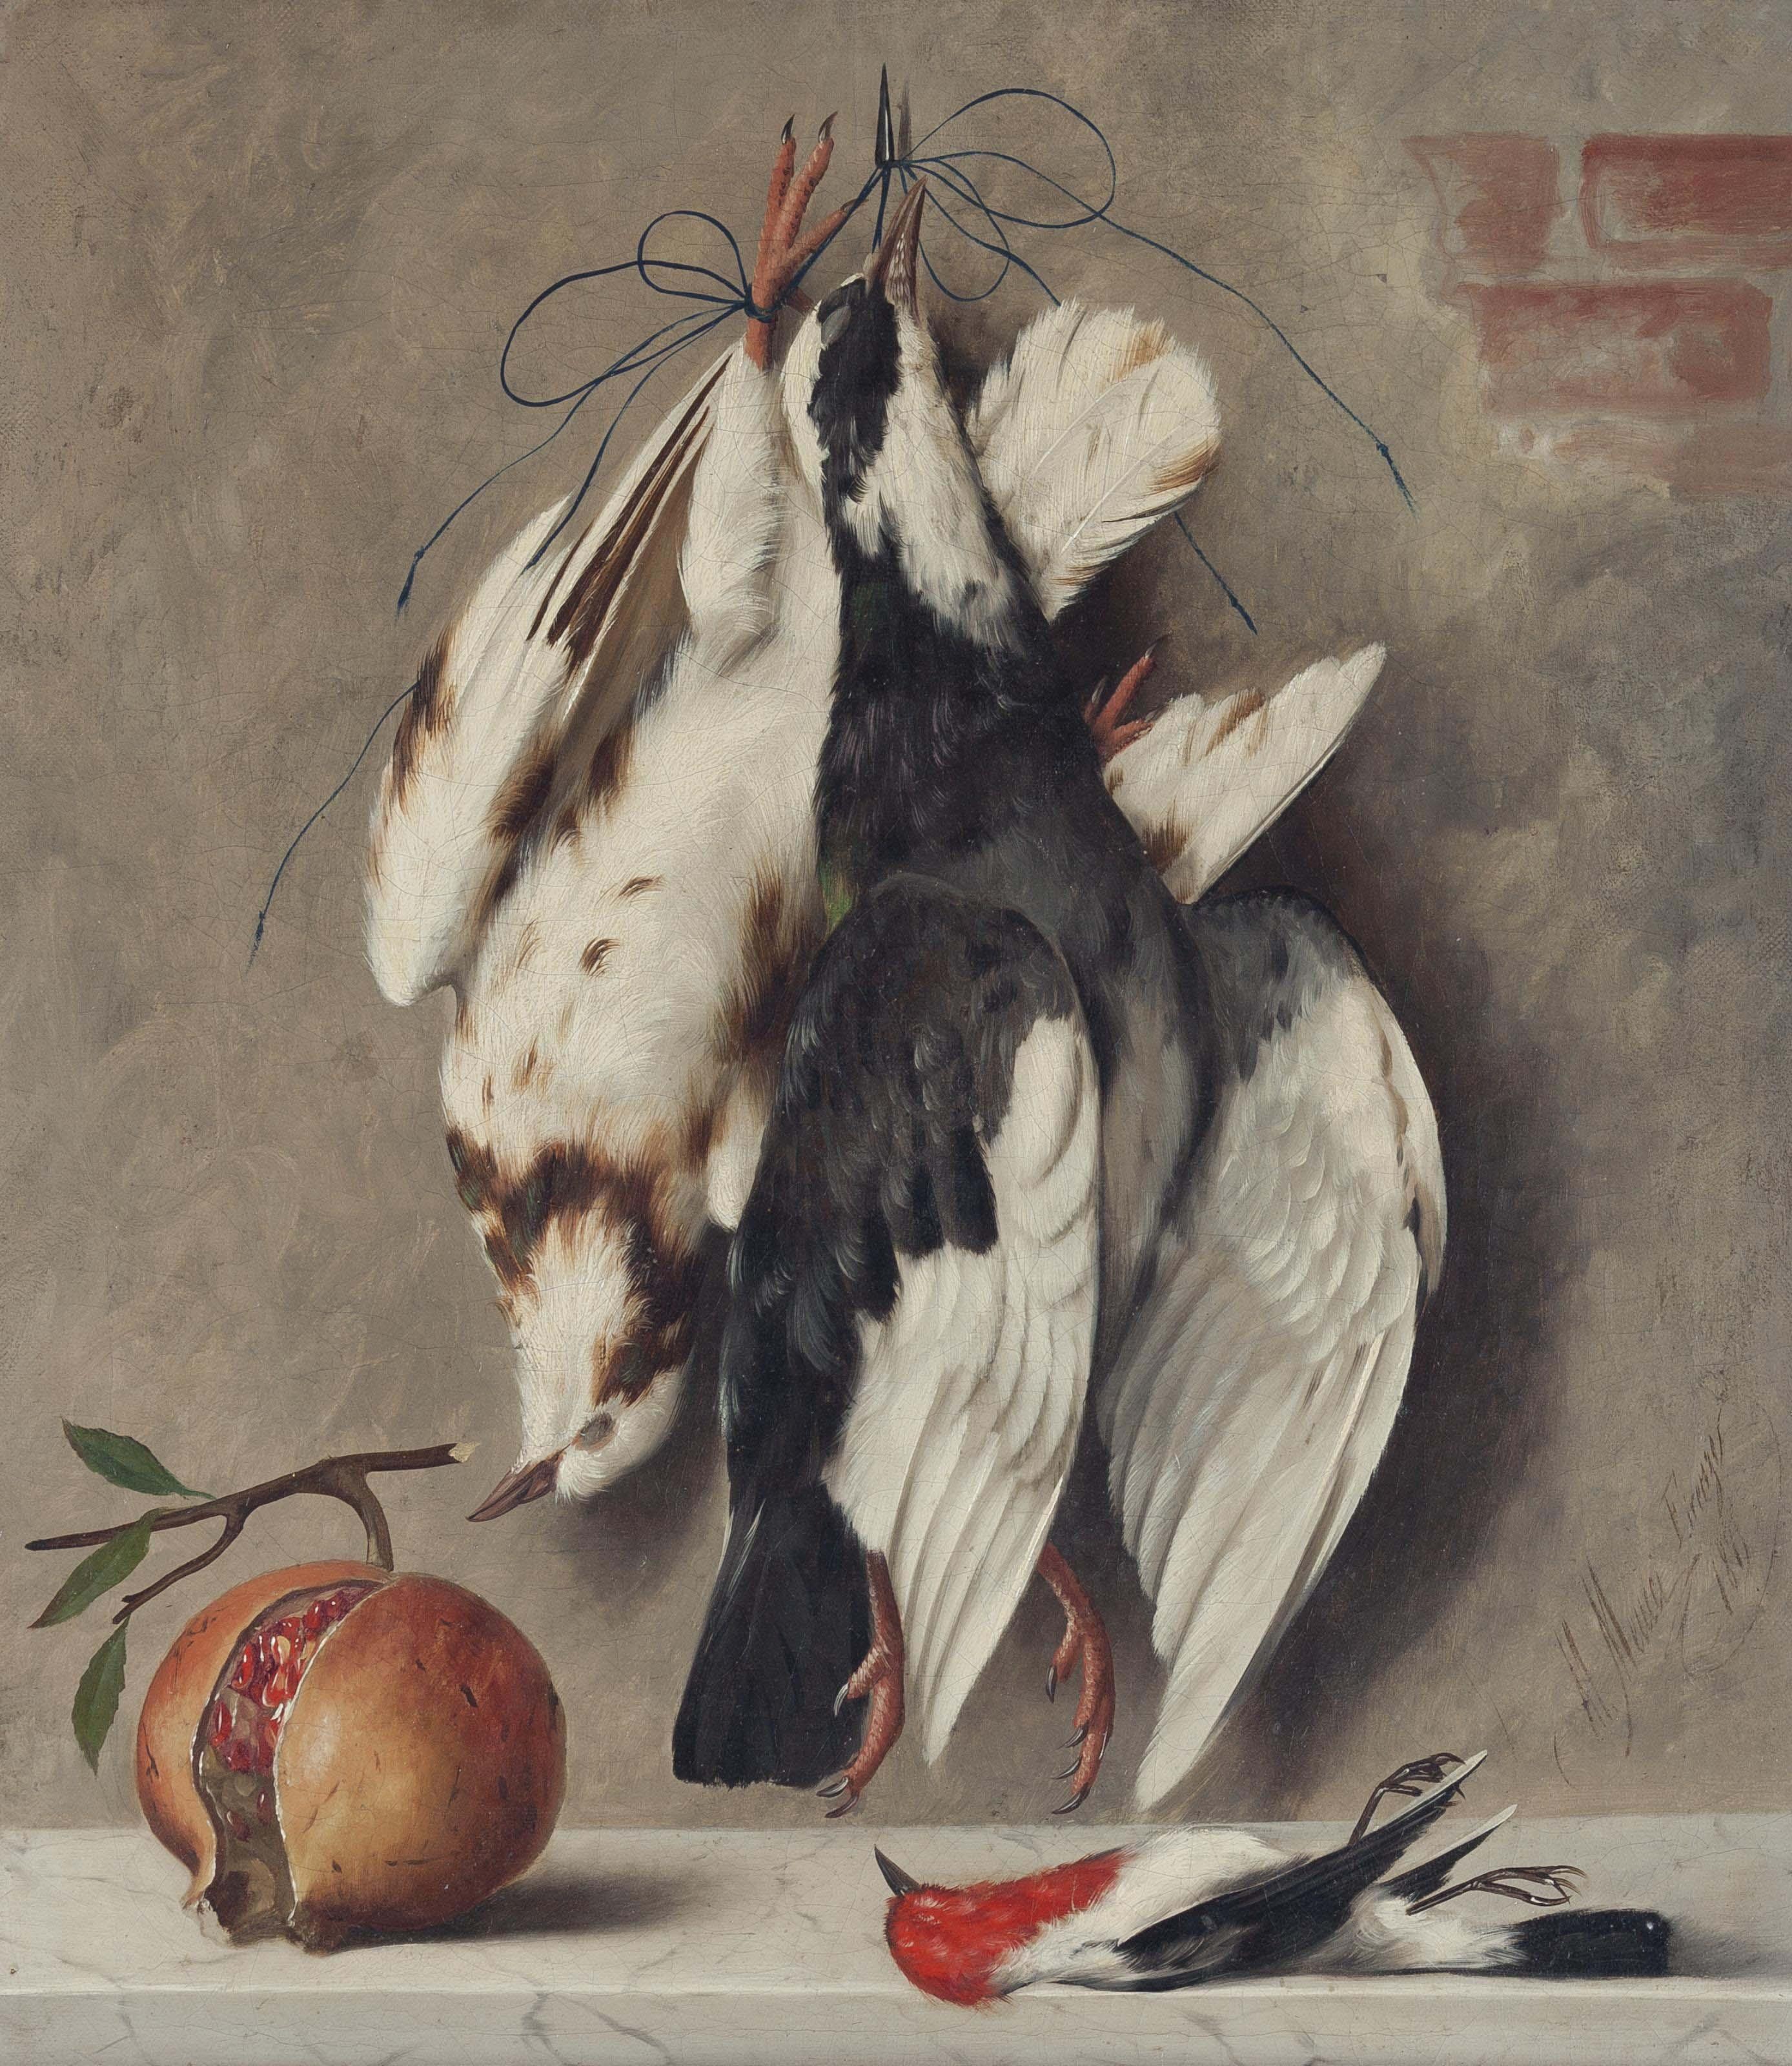 Michelangelo Meucci (Italian, 1840-1909)